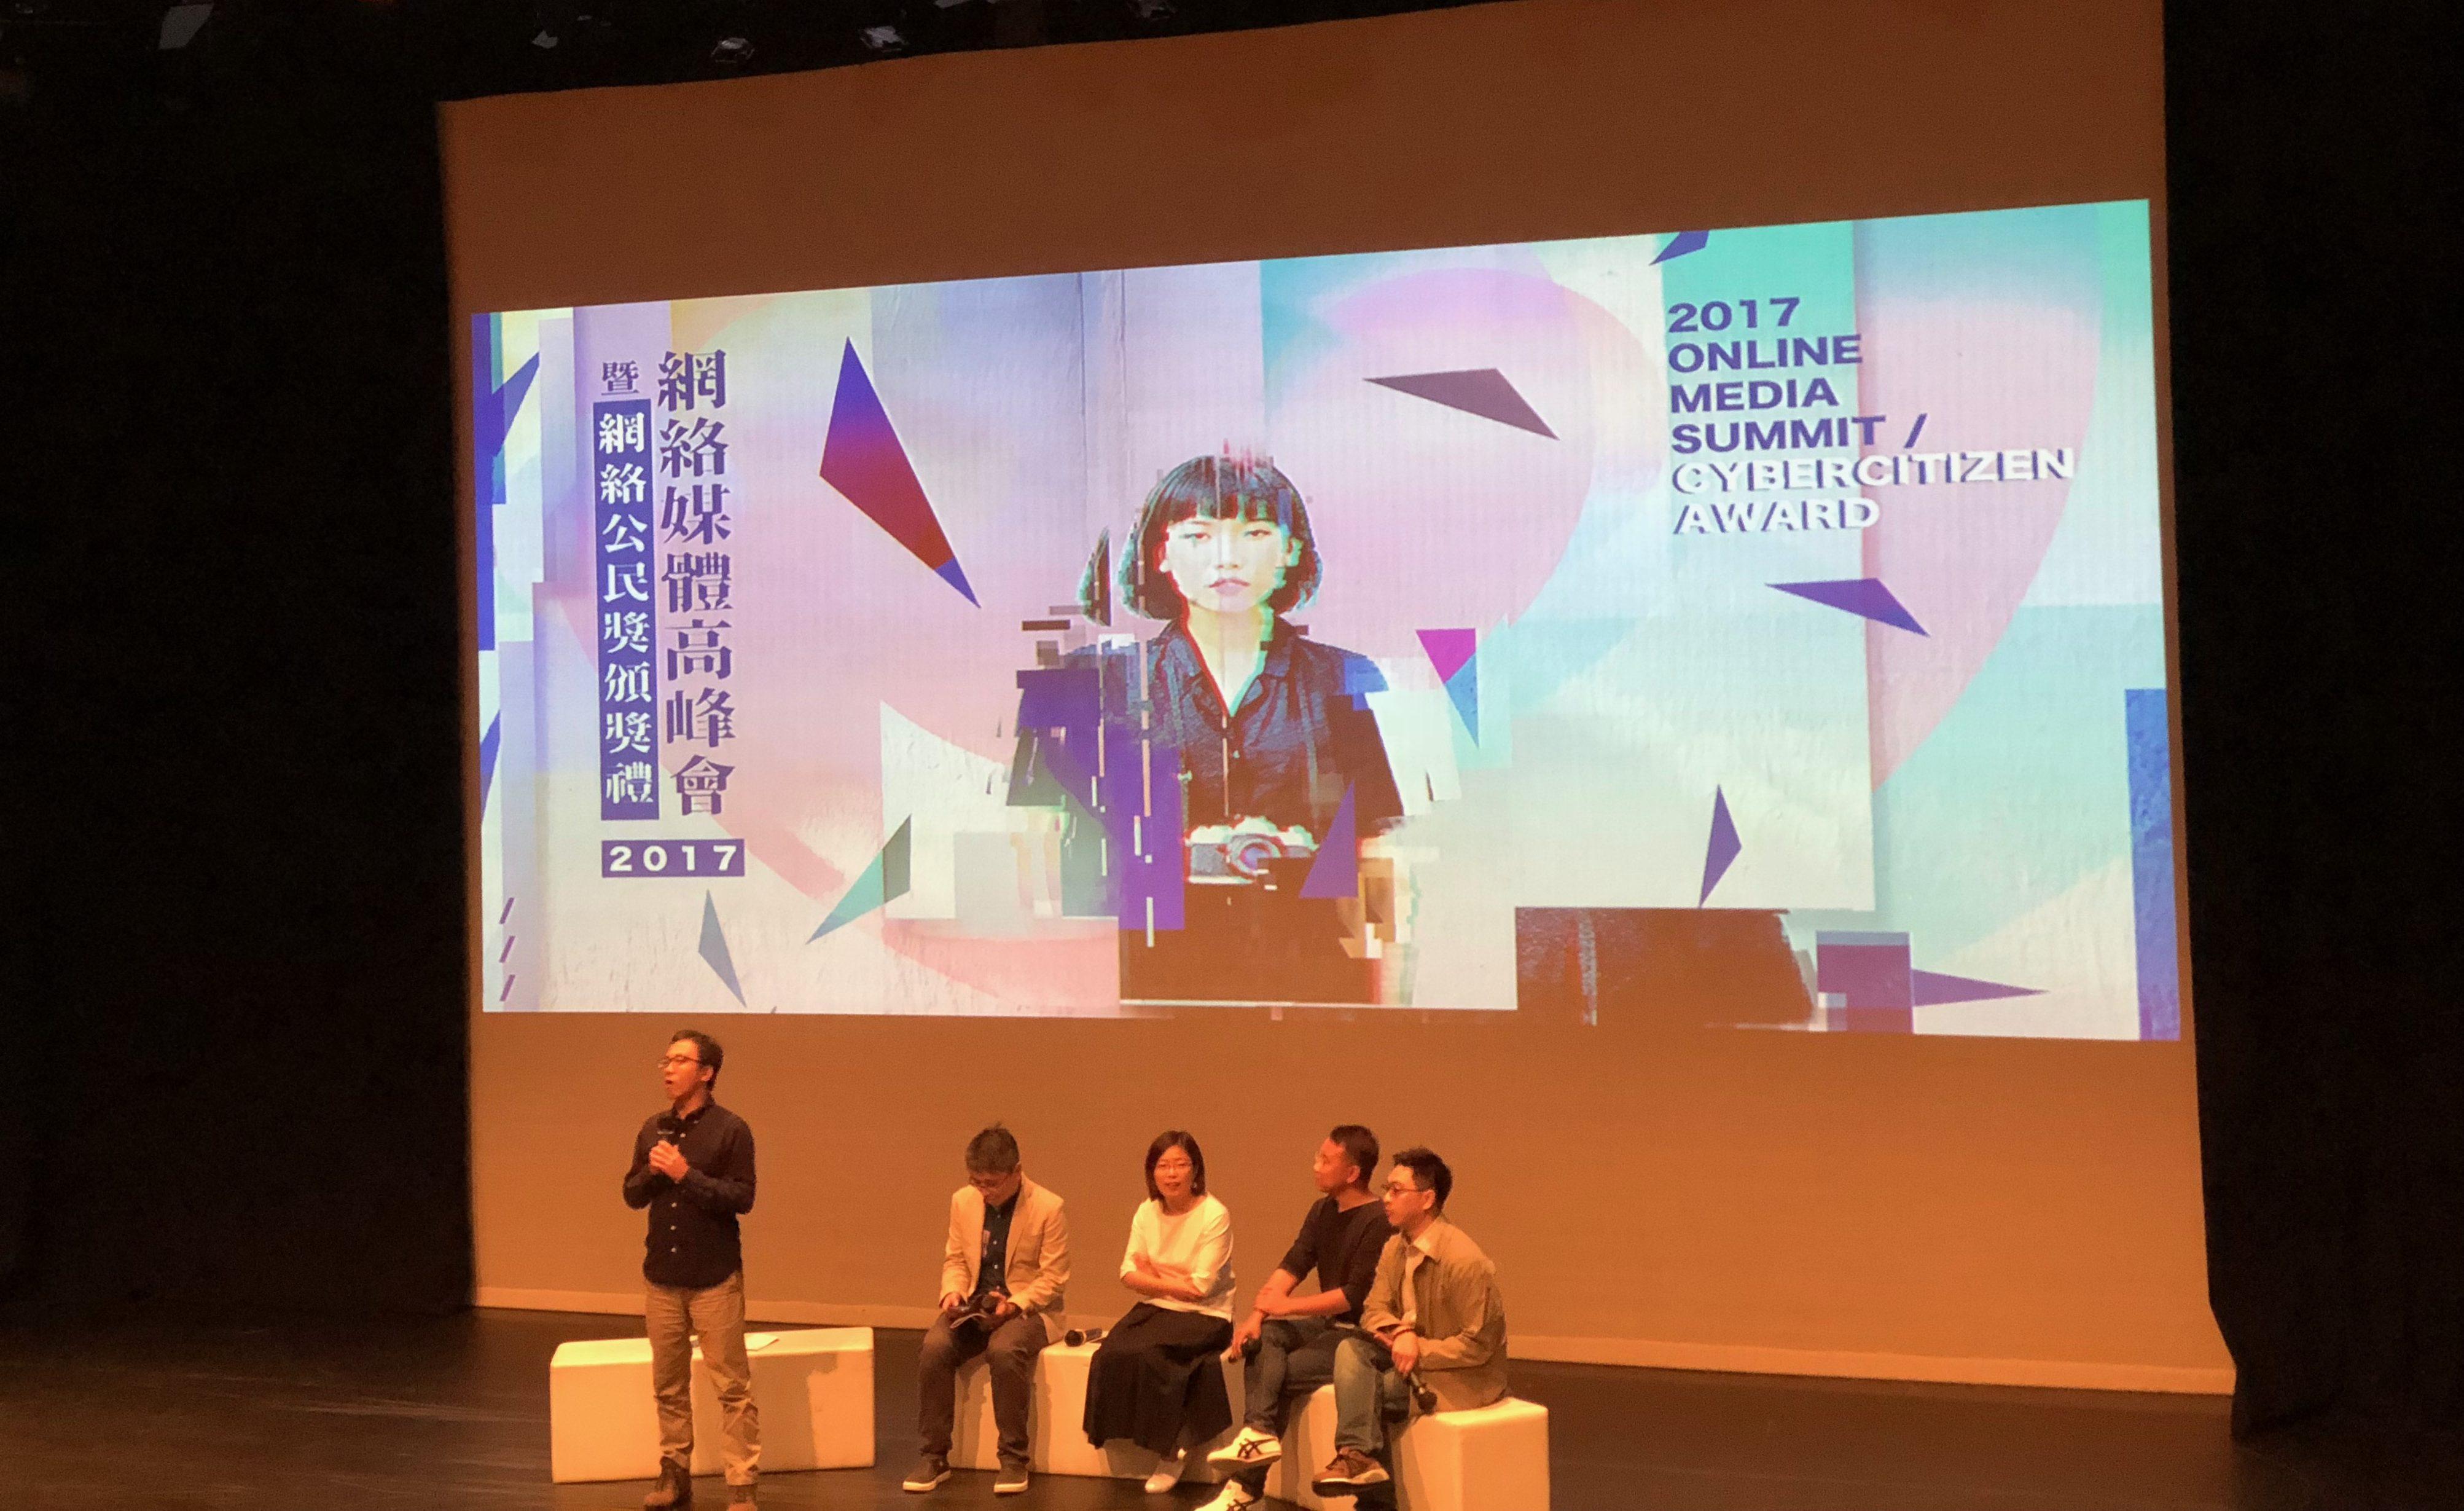 賣數據?賣能力?淺談數據新聞的商業出路 — 香港網絡媒體峯會後感 | The Data & News Society